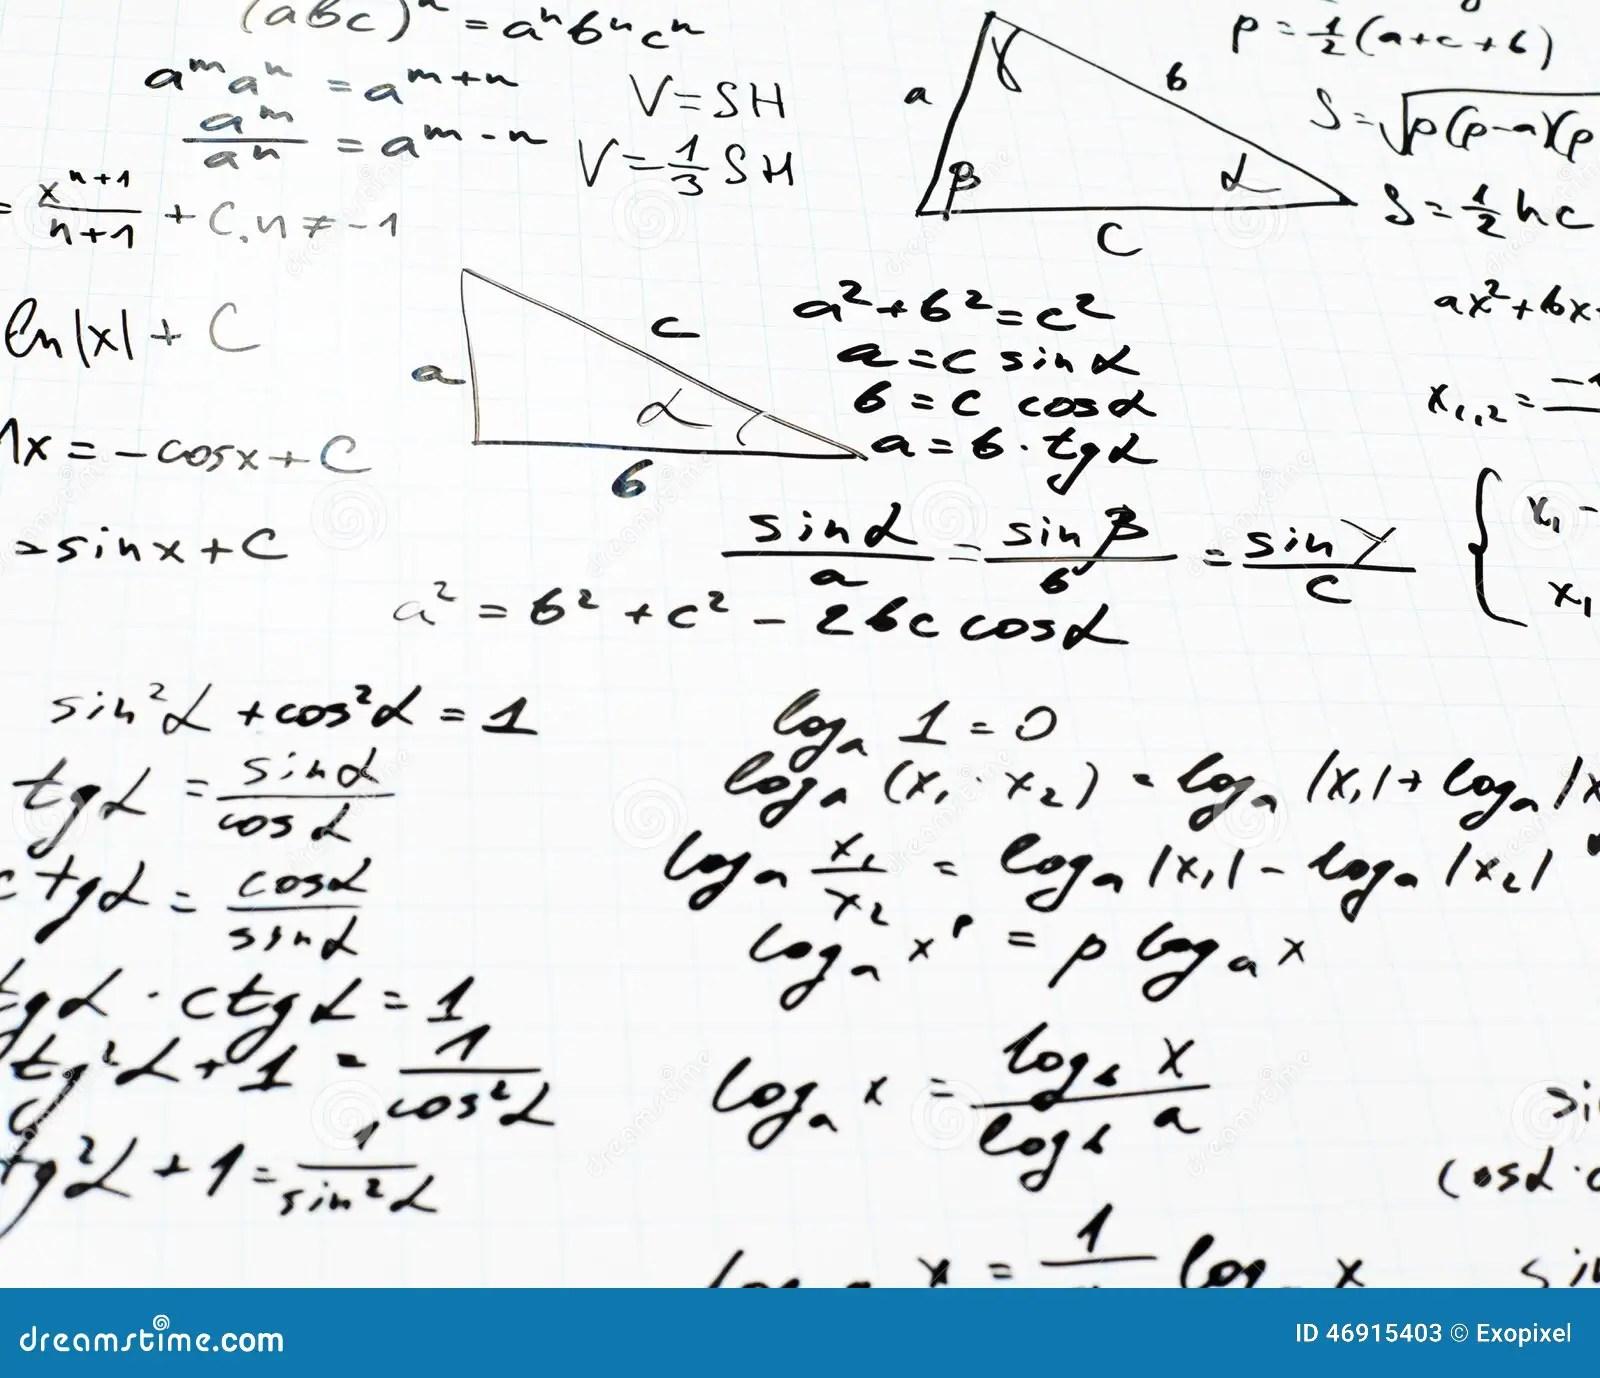 Trigonometry Math Equations And Formulas Stock Image